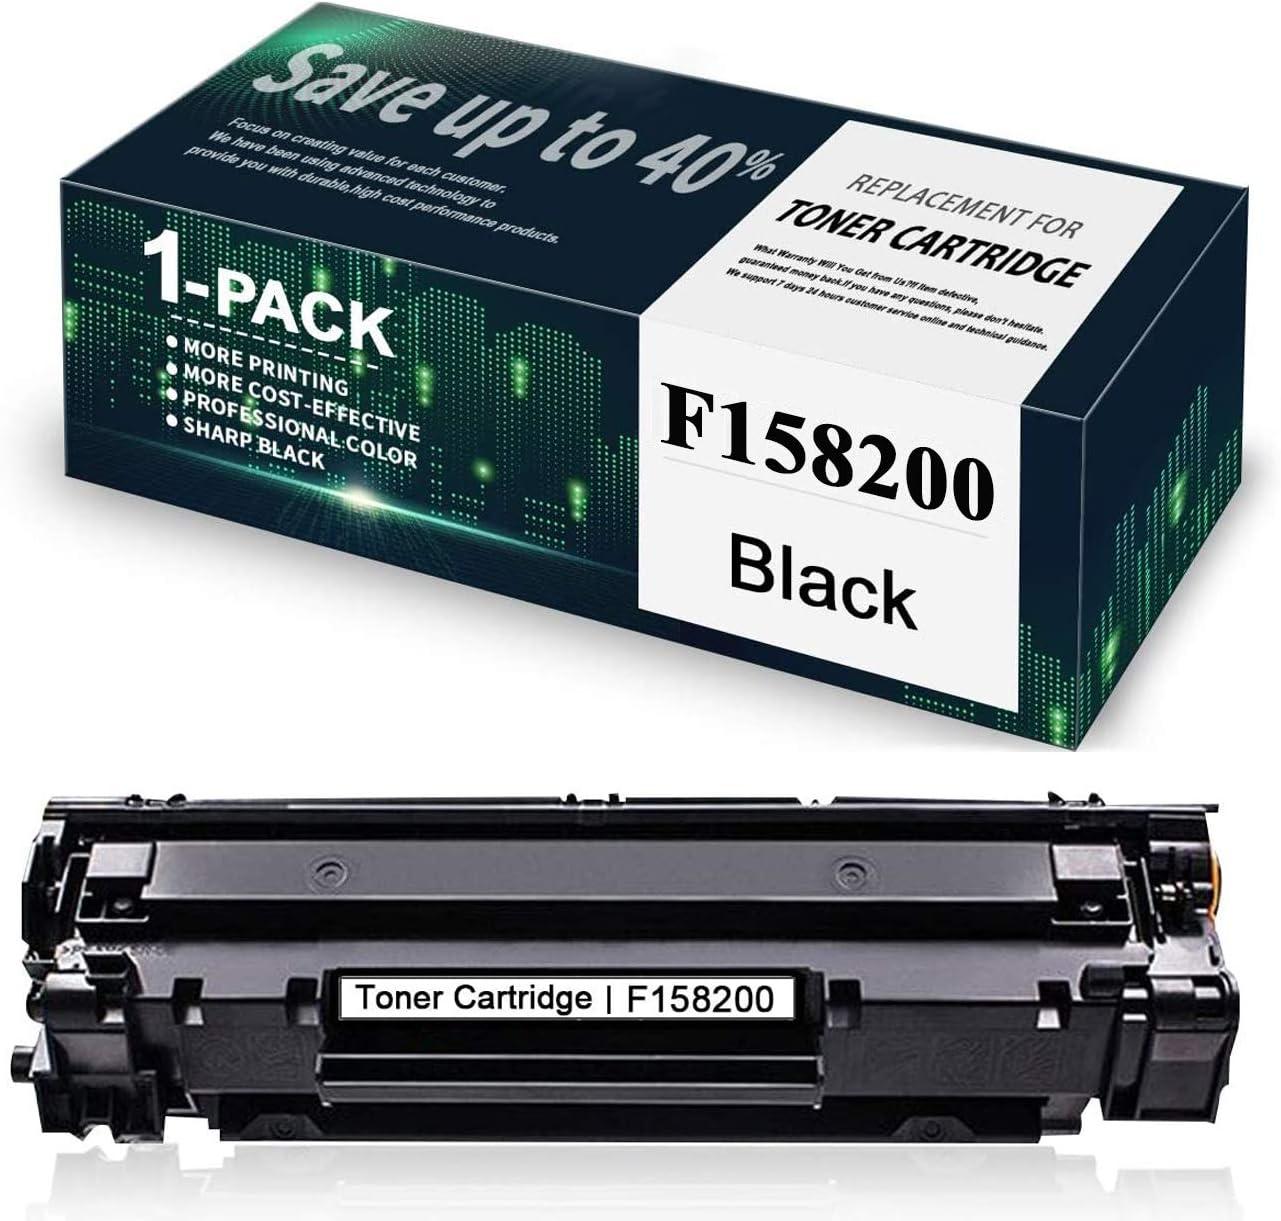 8200 printer specification canon f15 Canon Printers